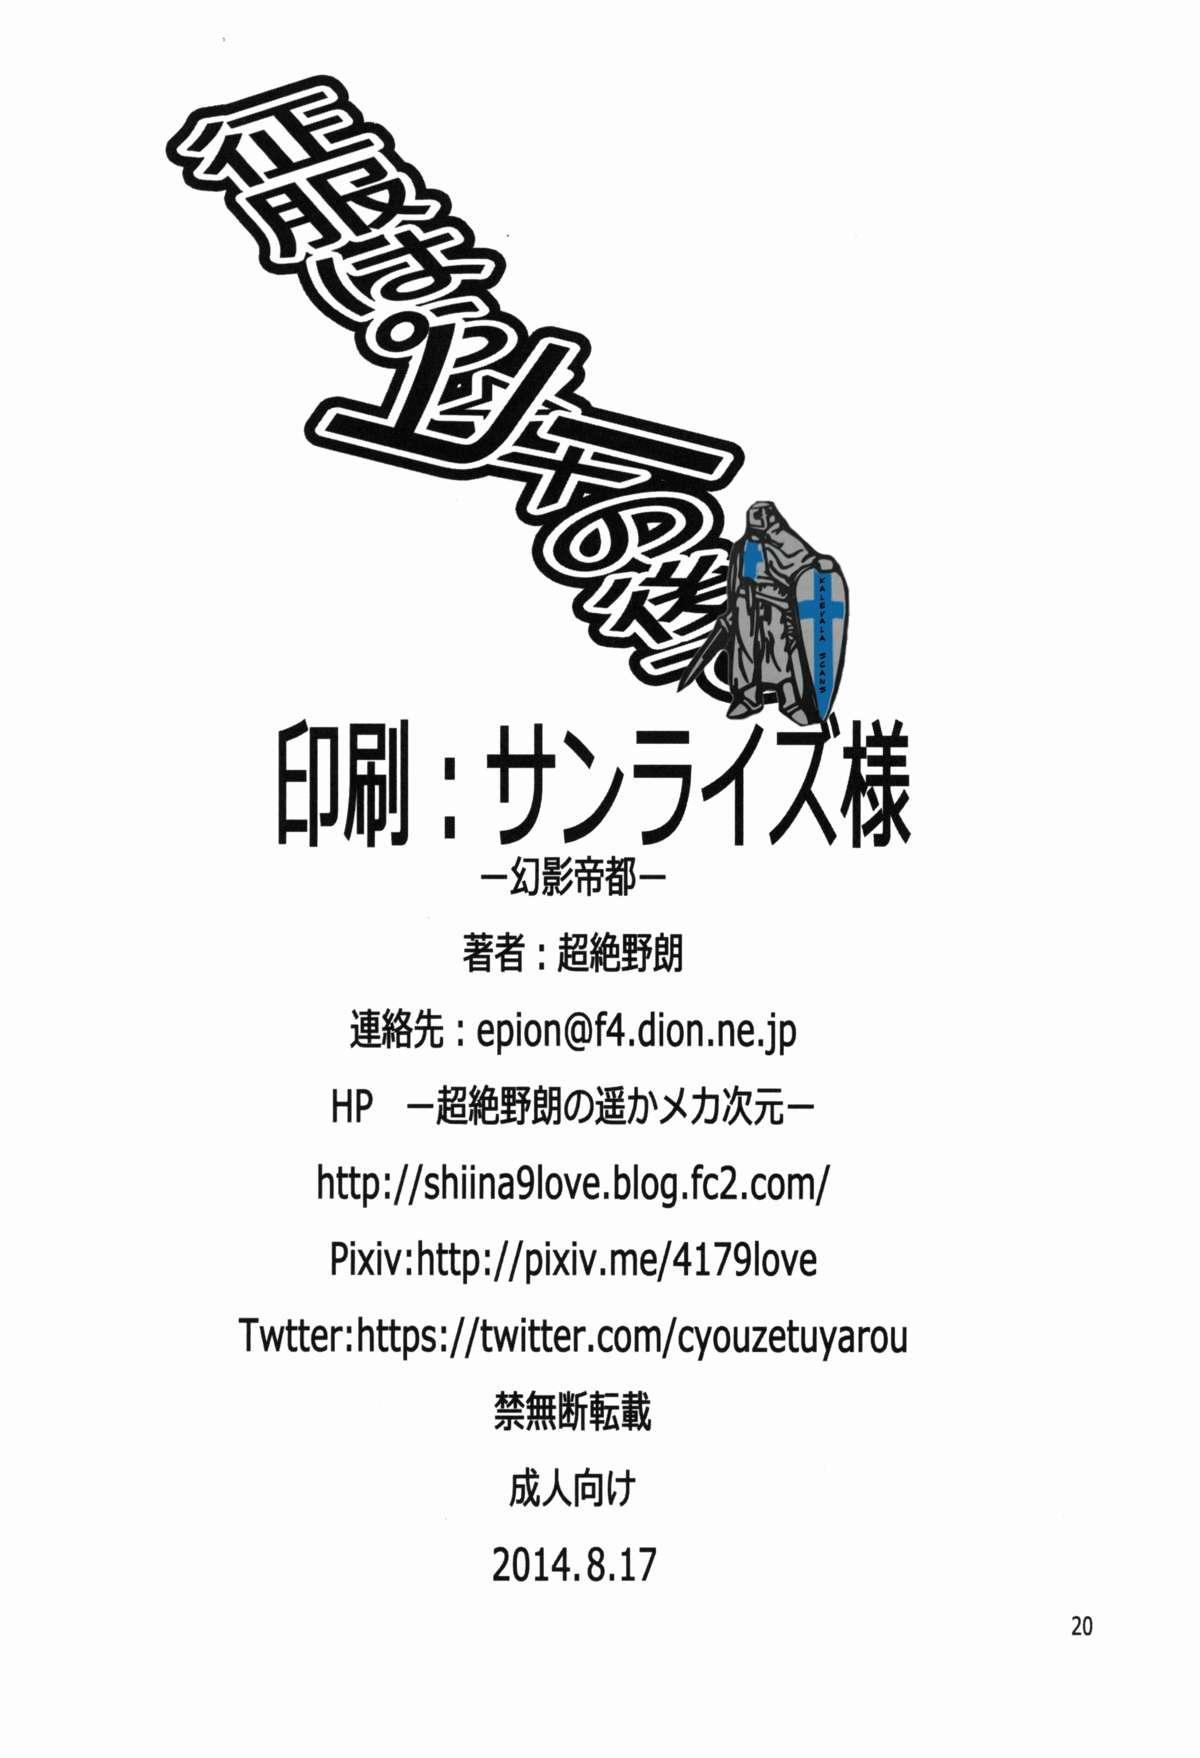 Seifuku wa Pii no Ato de 20